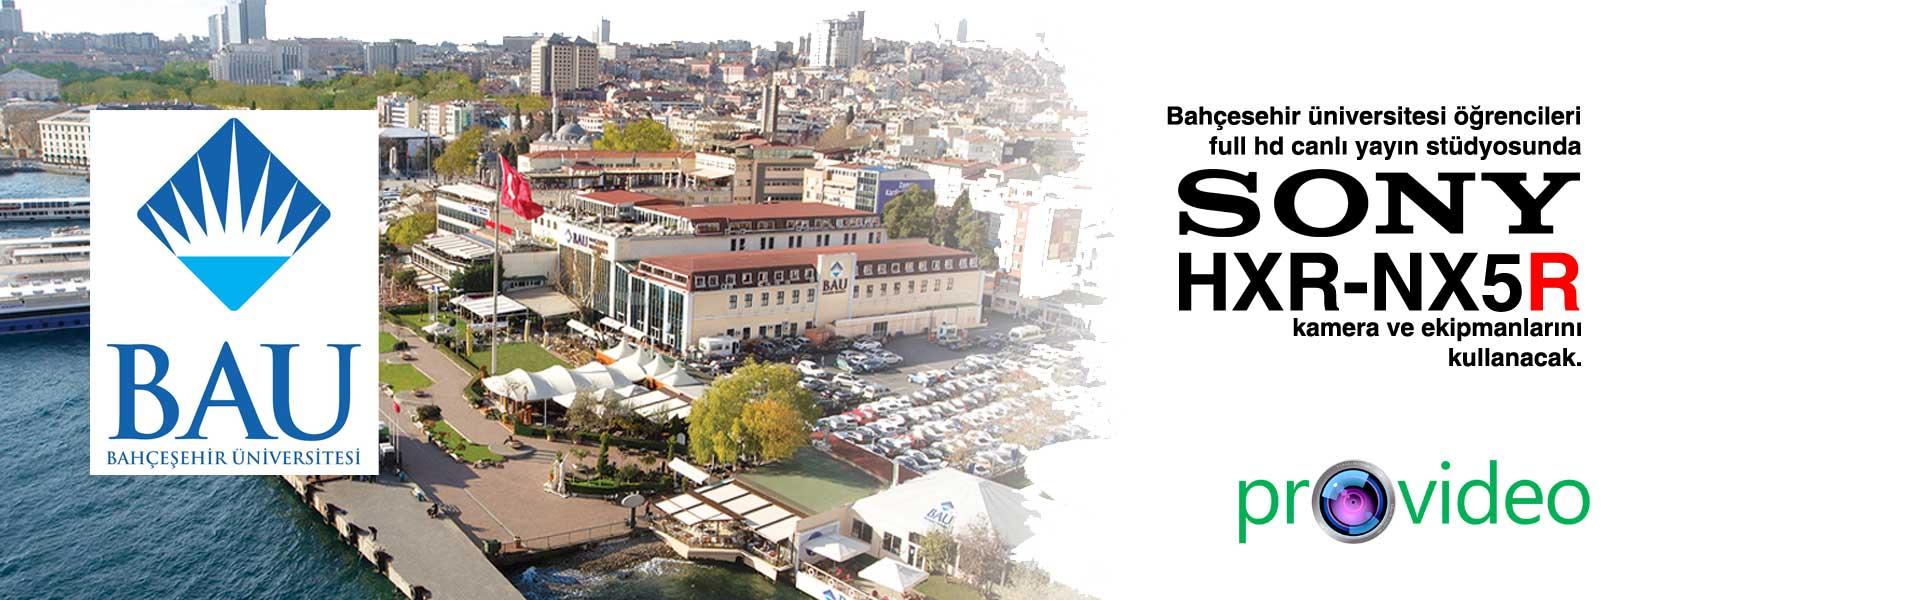 Bahçeşehir-Üniversitesi-sony-2